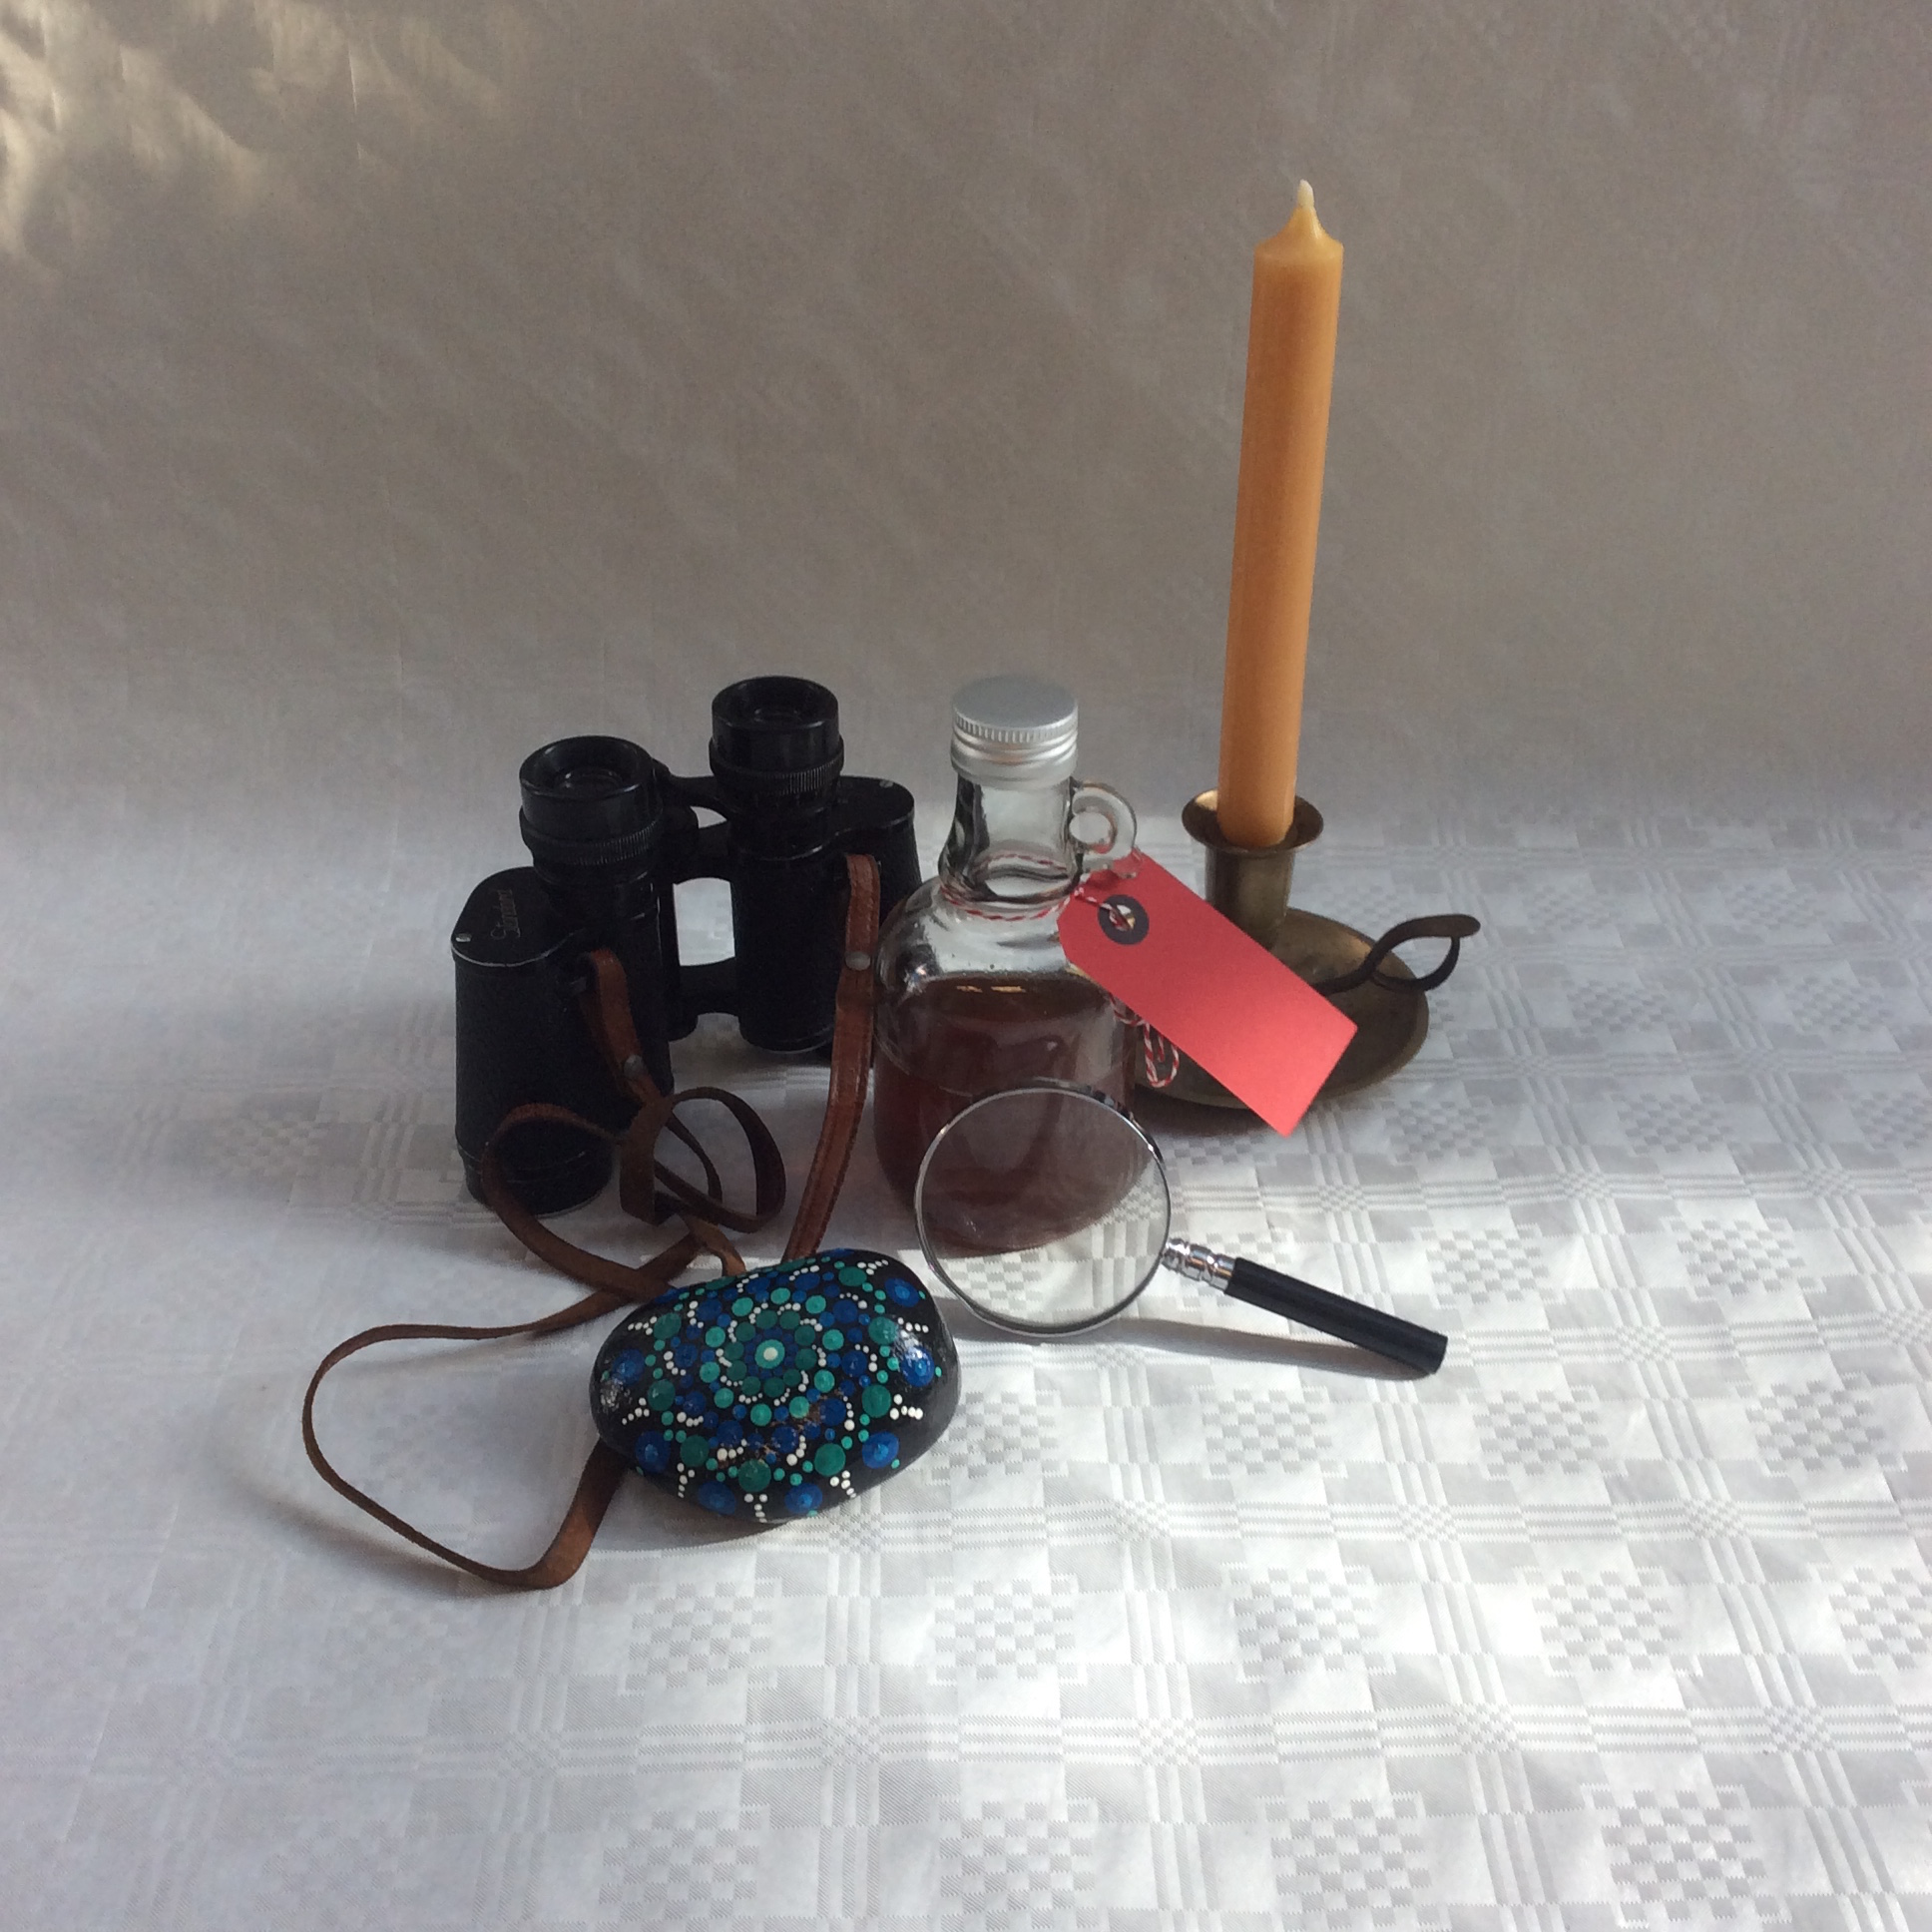 Zum sechsten und letzten Mal können Kinder ihre Geschichten mit den gezeigten Gegenständen bei der Bücherhalle Kirchdorf einreichen Foto: ein